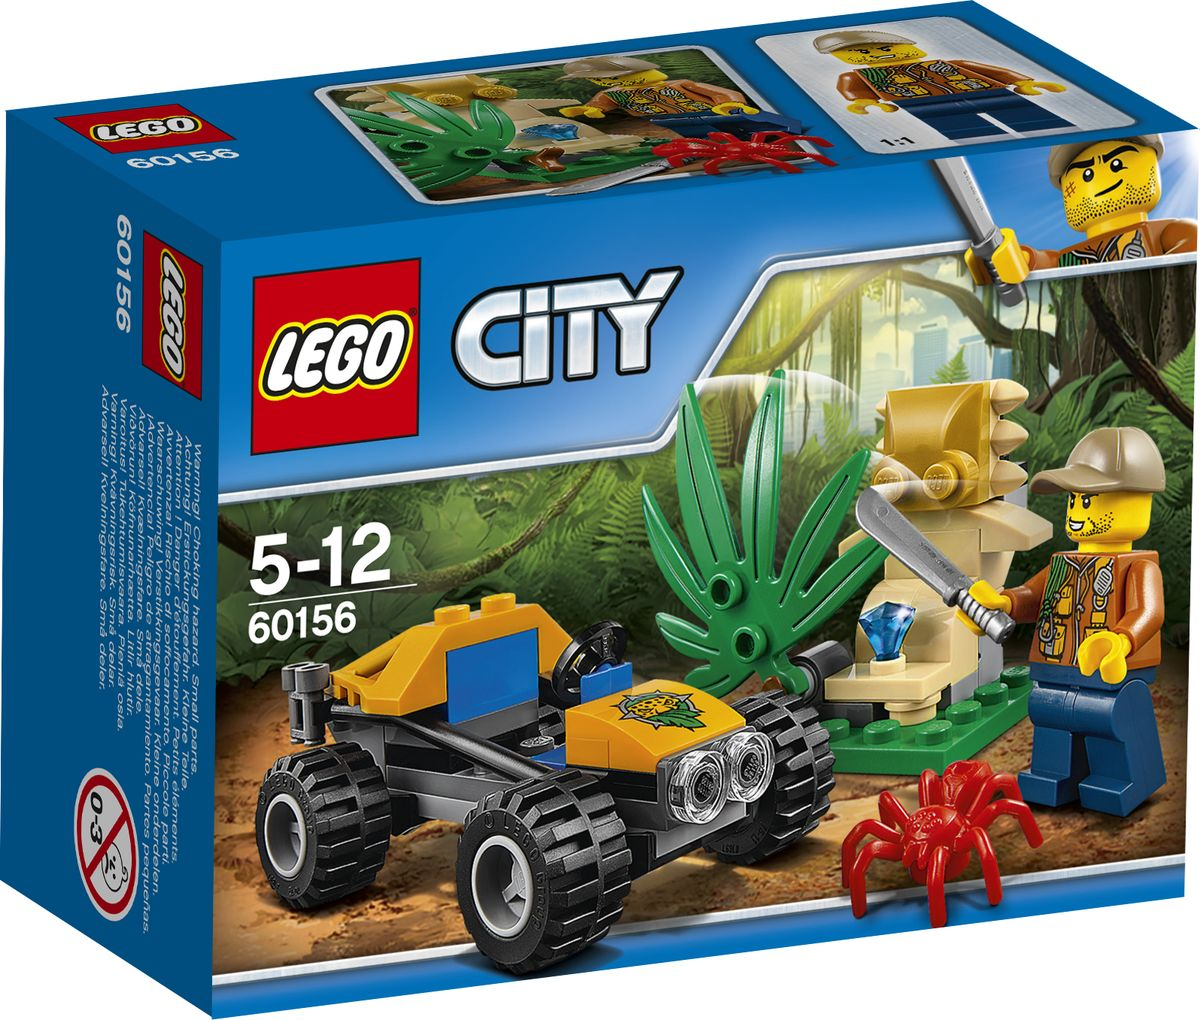 LEGO City Jungle Explorer Конструктор Багги для поездок по джунглям 60156 конструктор lego city багги для поездок по джунглям 53 элемента 60156